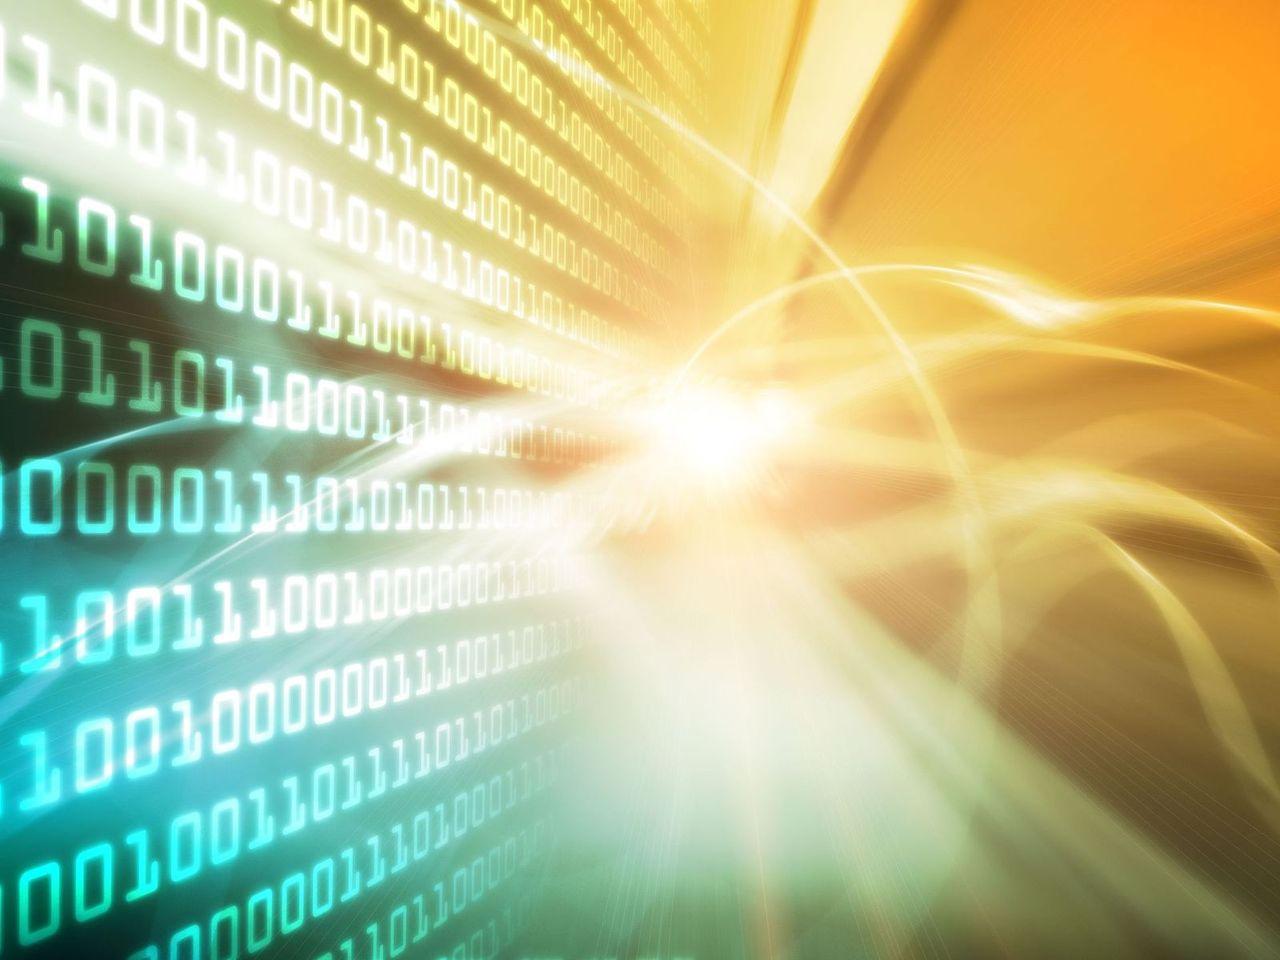 Wybór software house dla firmy – praktyczne wskazówki